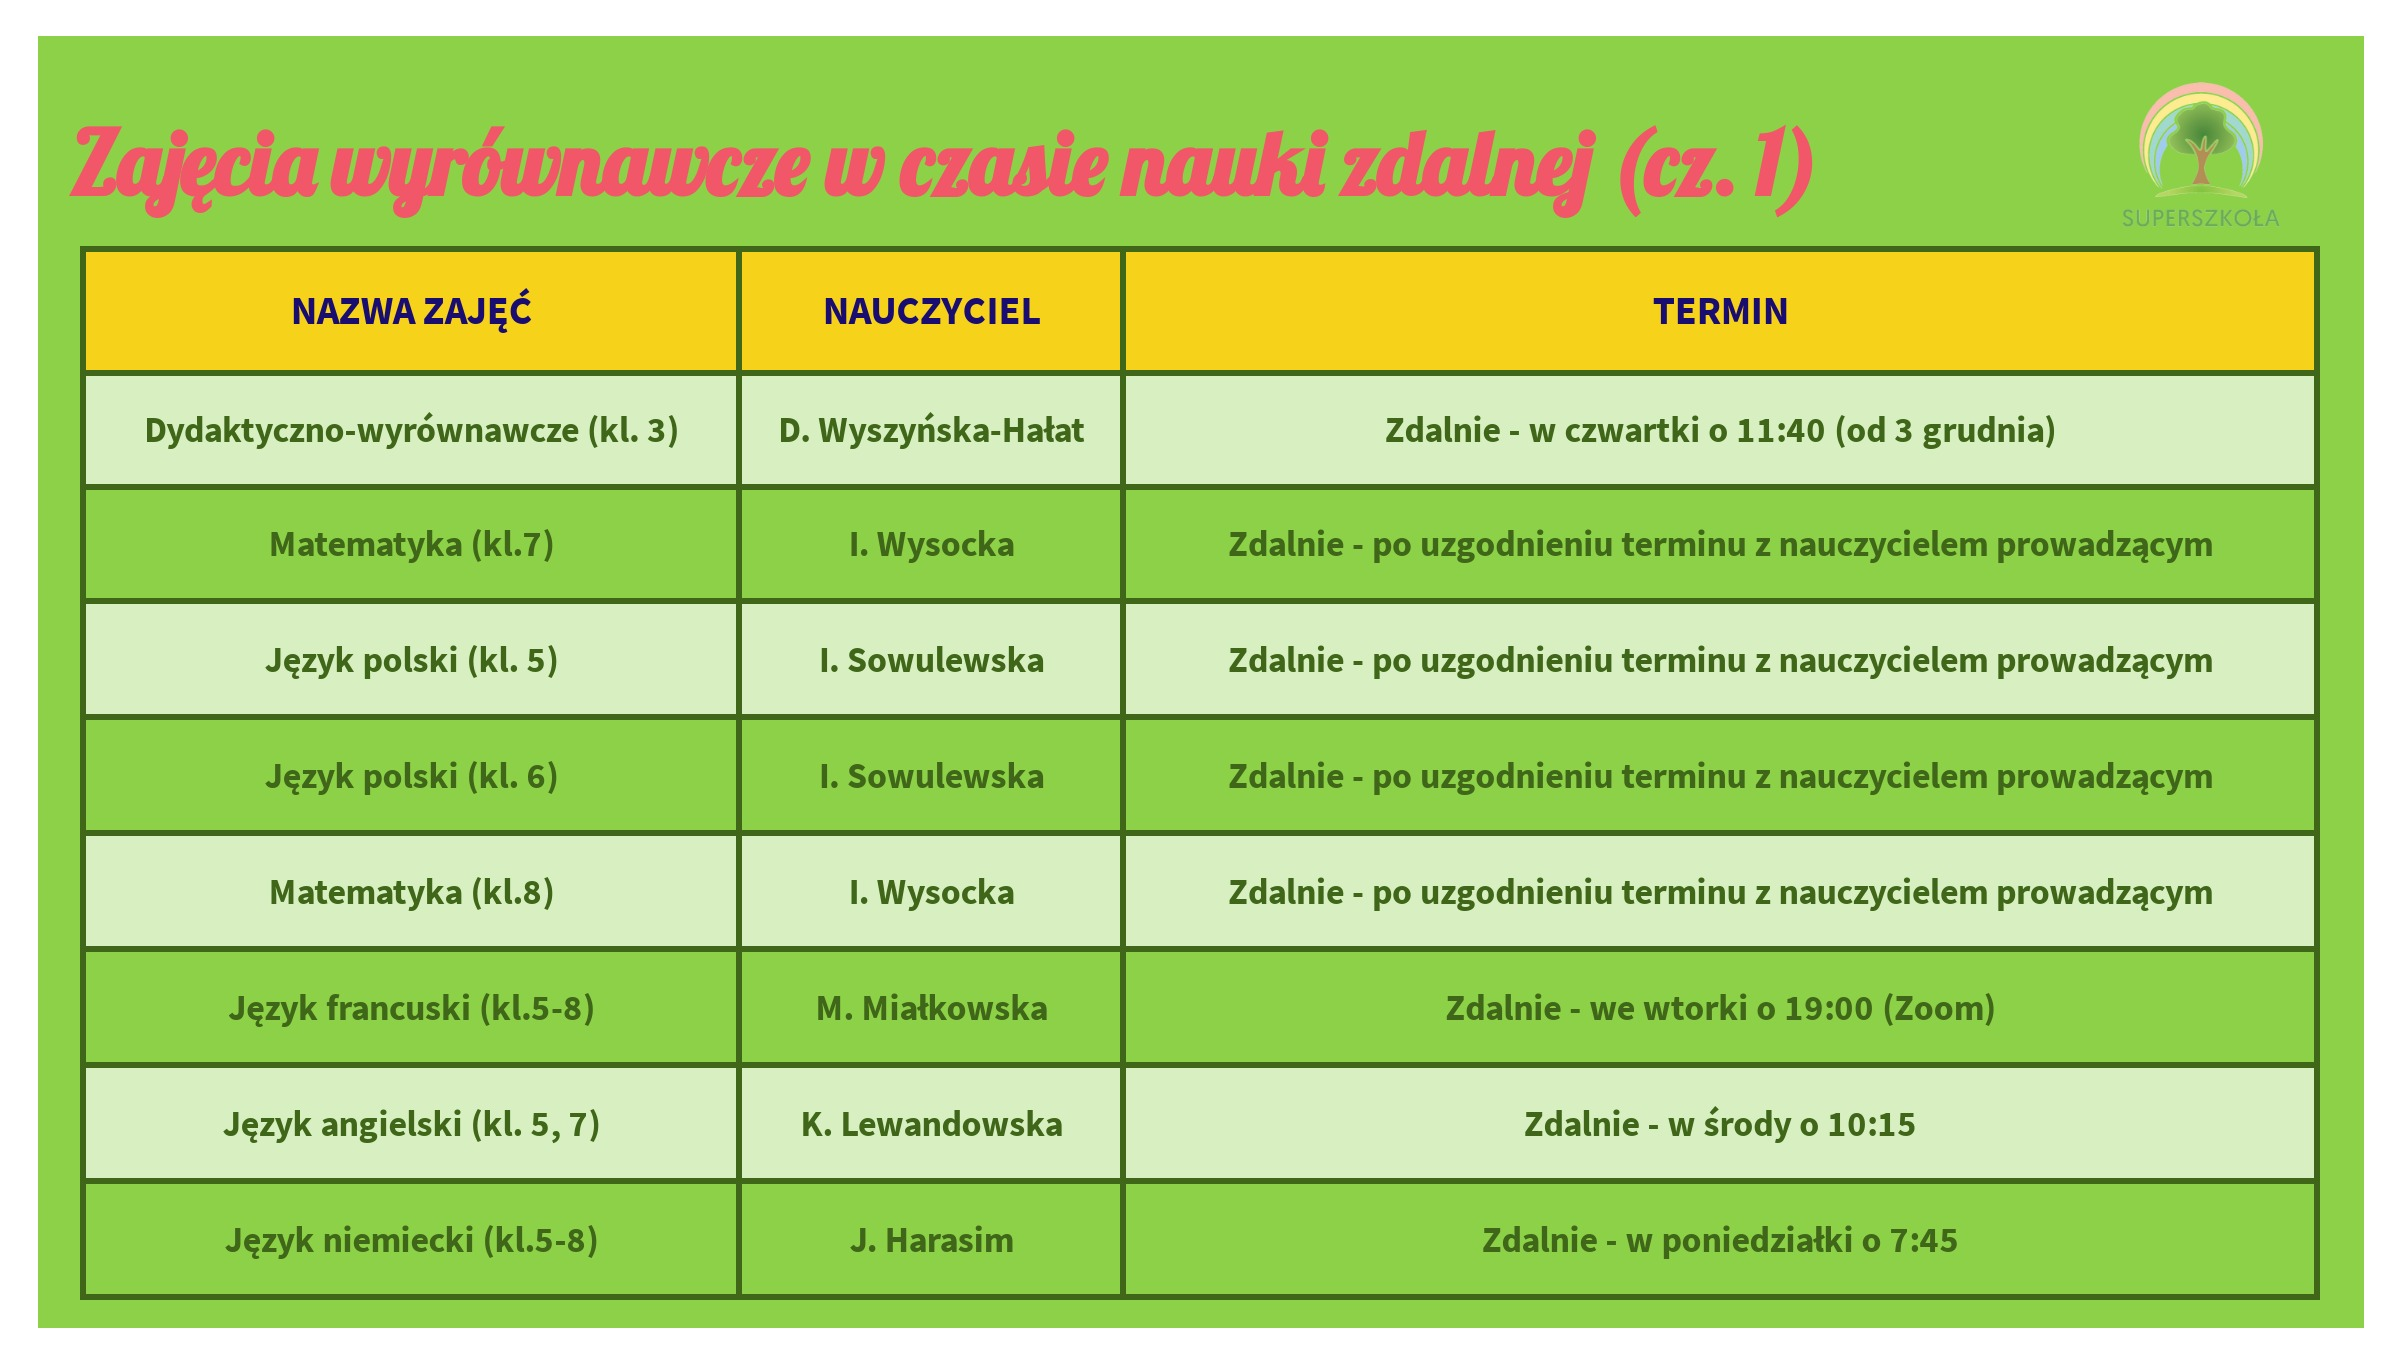 Zdalne_kolka_wyrownawcze_3